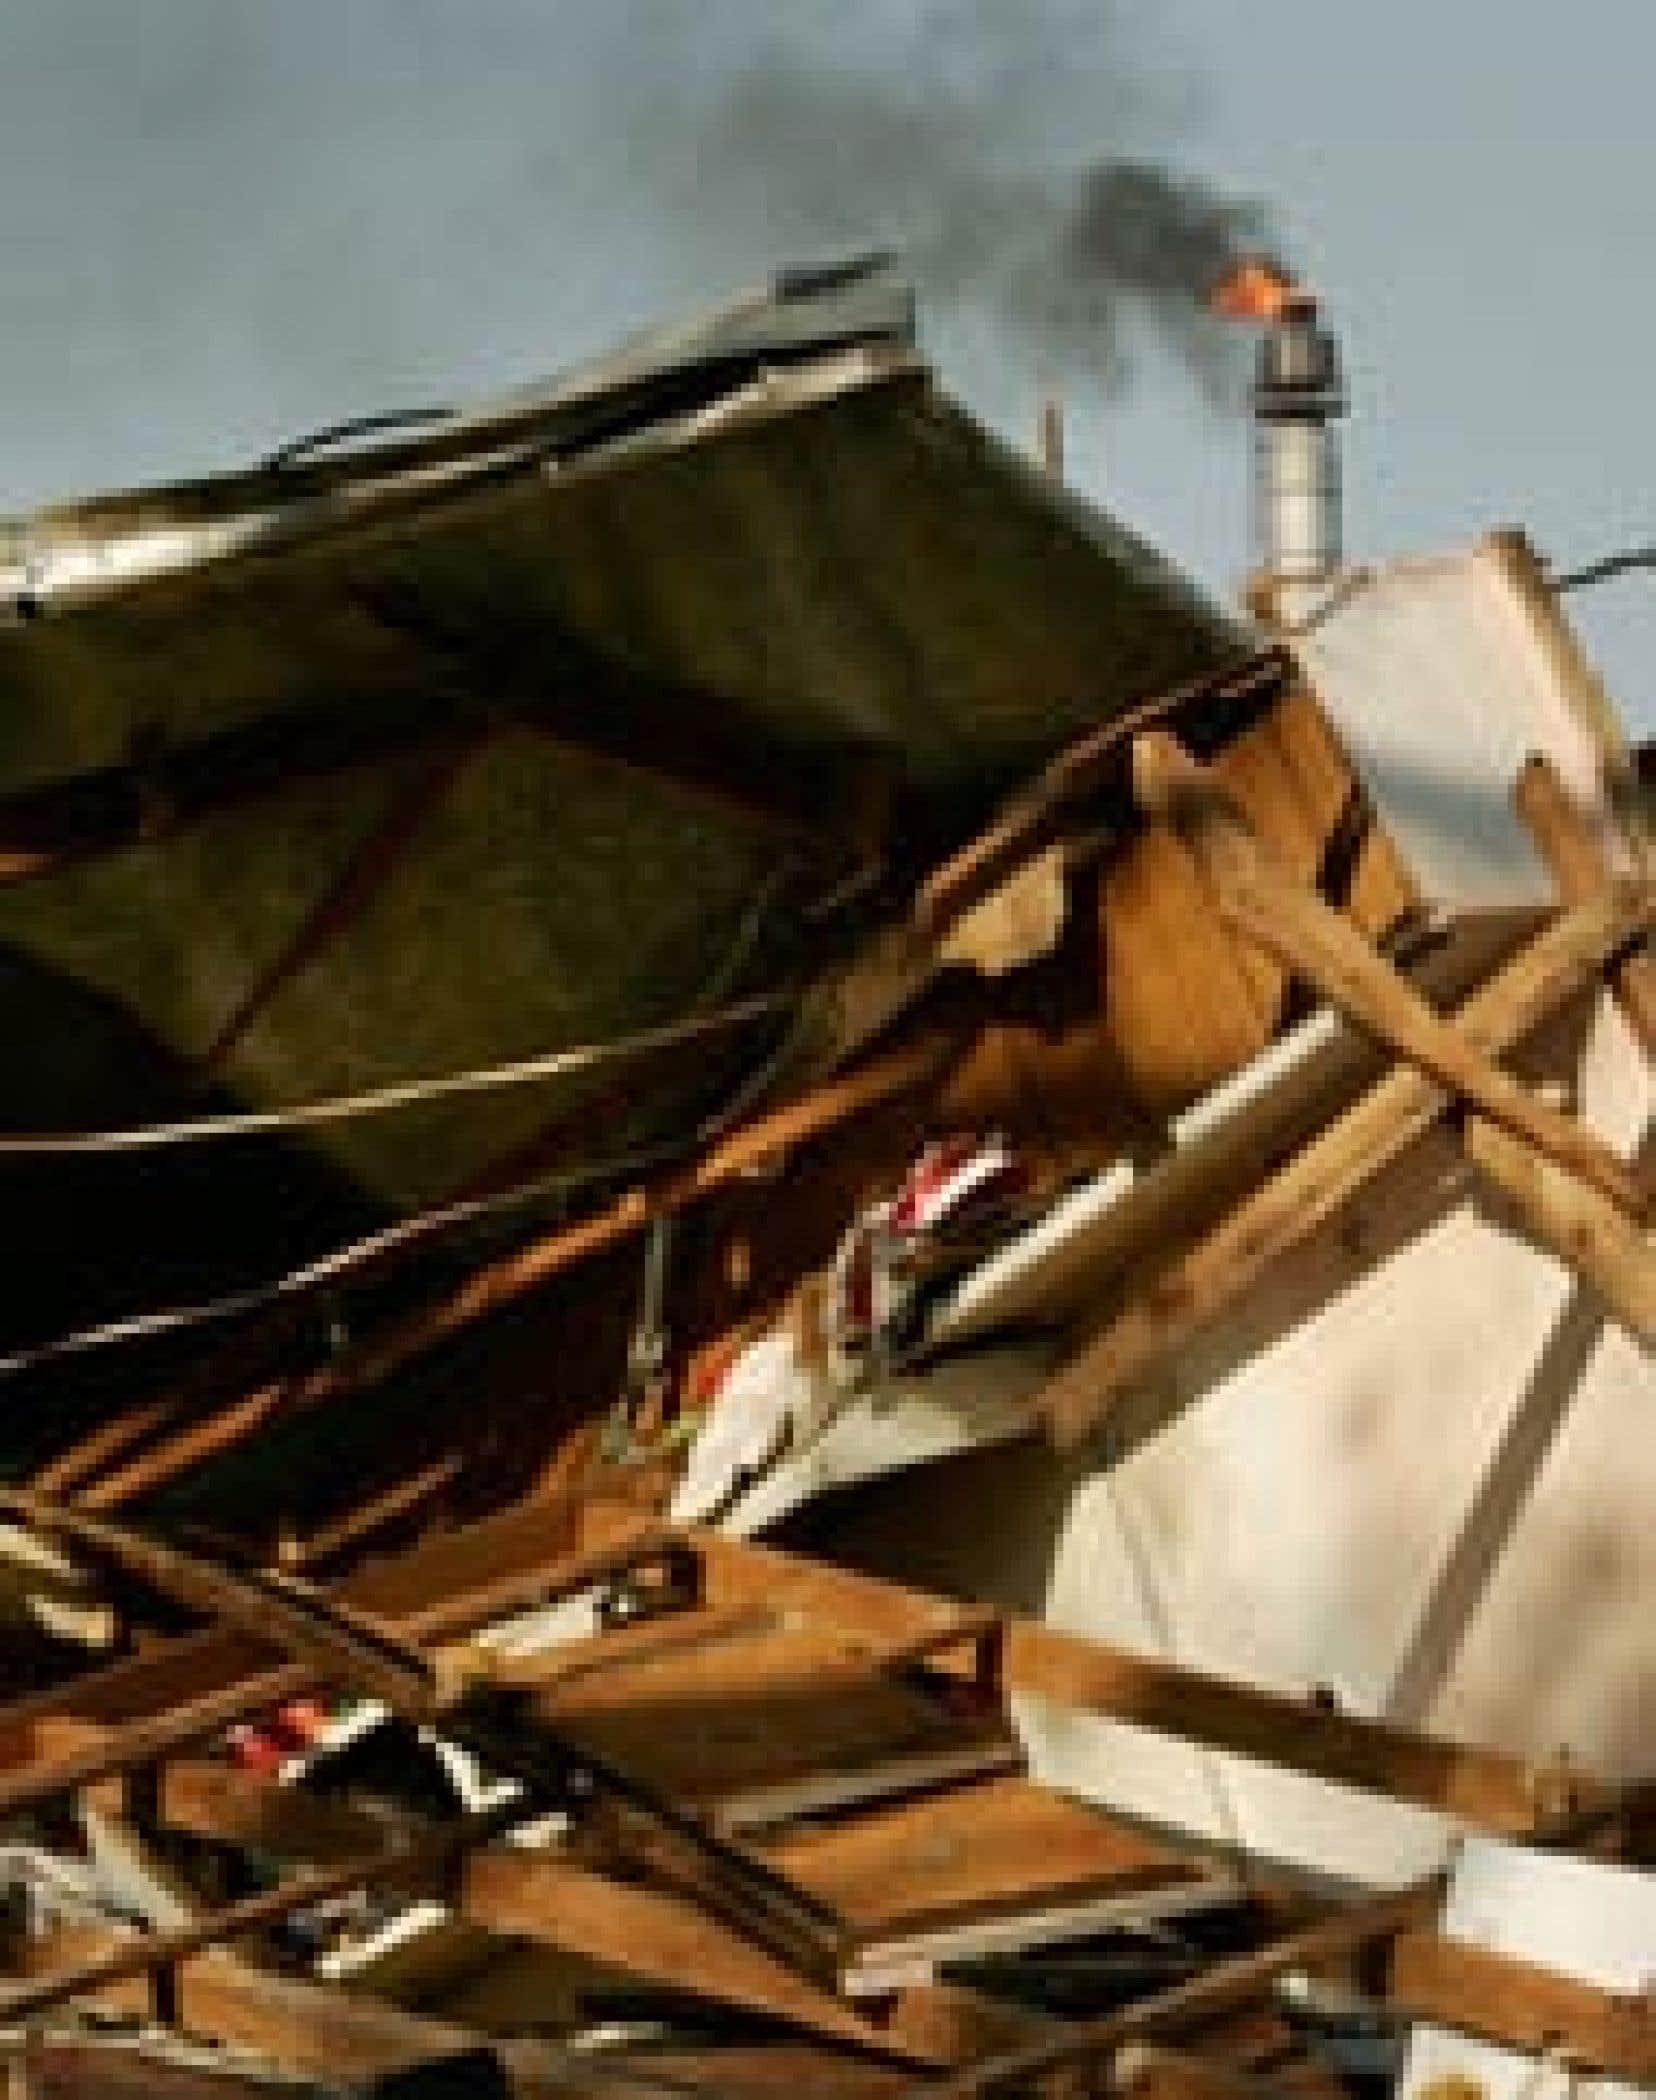 La flamme d'une raffinerie s'élève derrière les débris de maisons en Louisiane. Il est très difficile de prévoir l'évolution des cours du pétrole dans le contexte actuel en raison de l'évaluation toujours incomplète des dommages causés